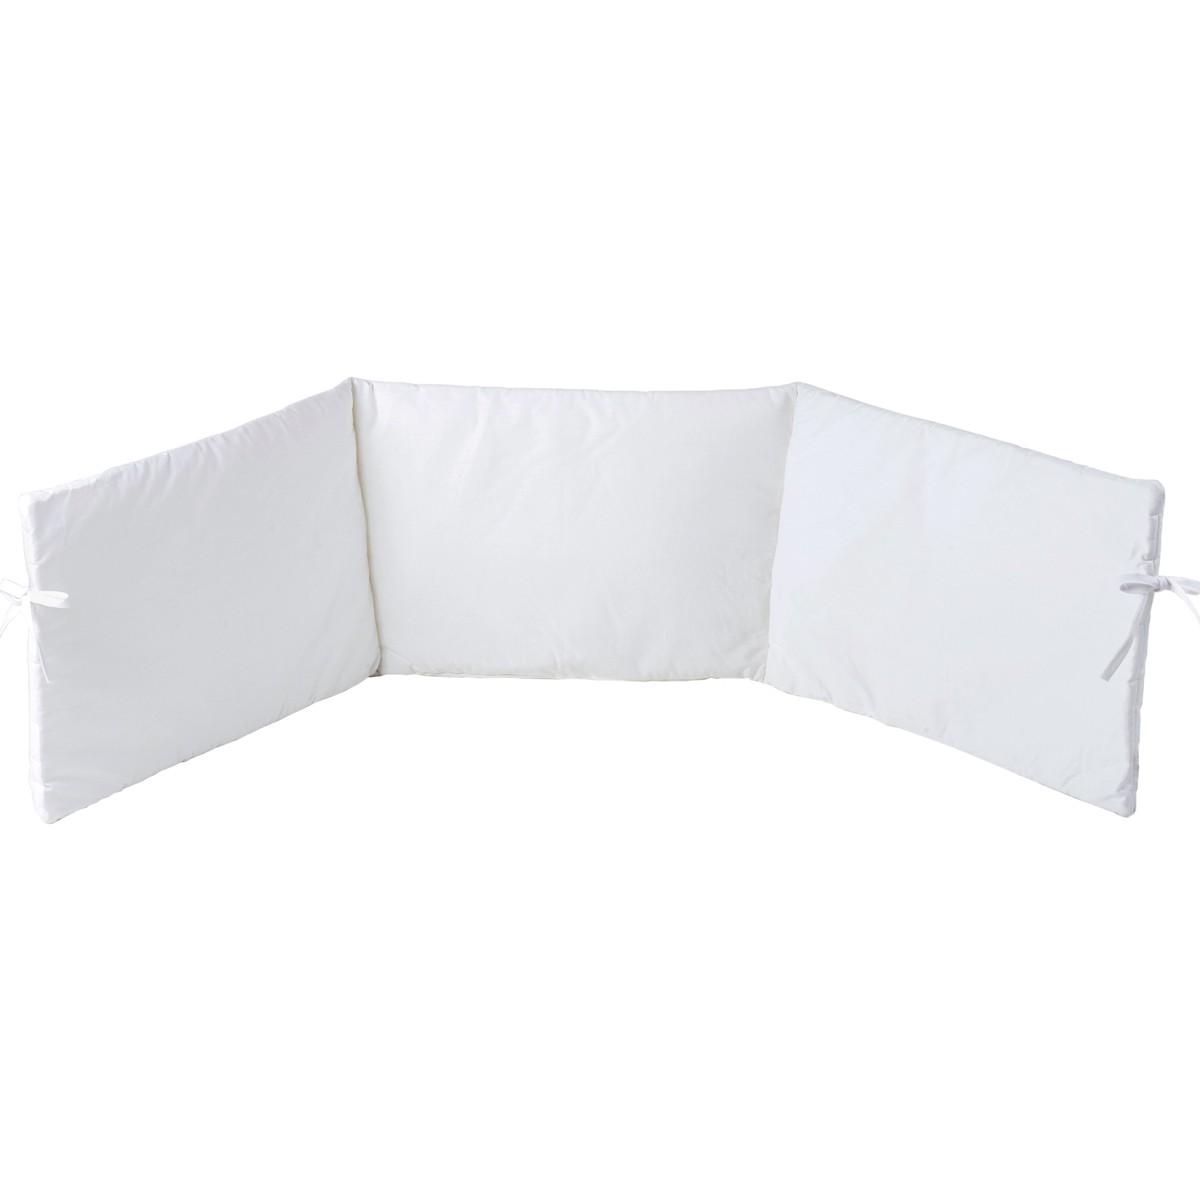 Πάντα Λίκνου Κόσμος Του Μωρού 0873 Μονόχρωμη Λευκή home   βρεφικά   πάντες βρεφικές